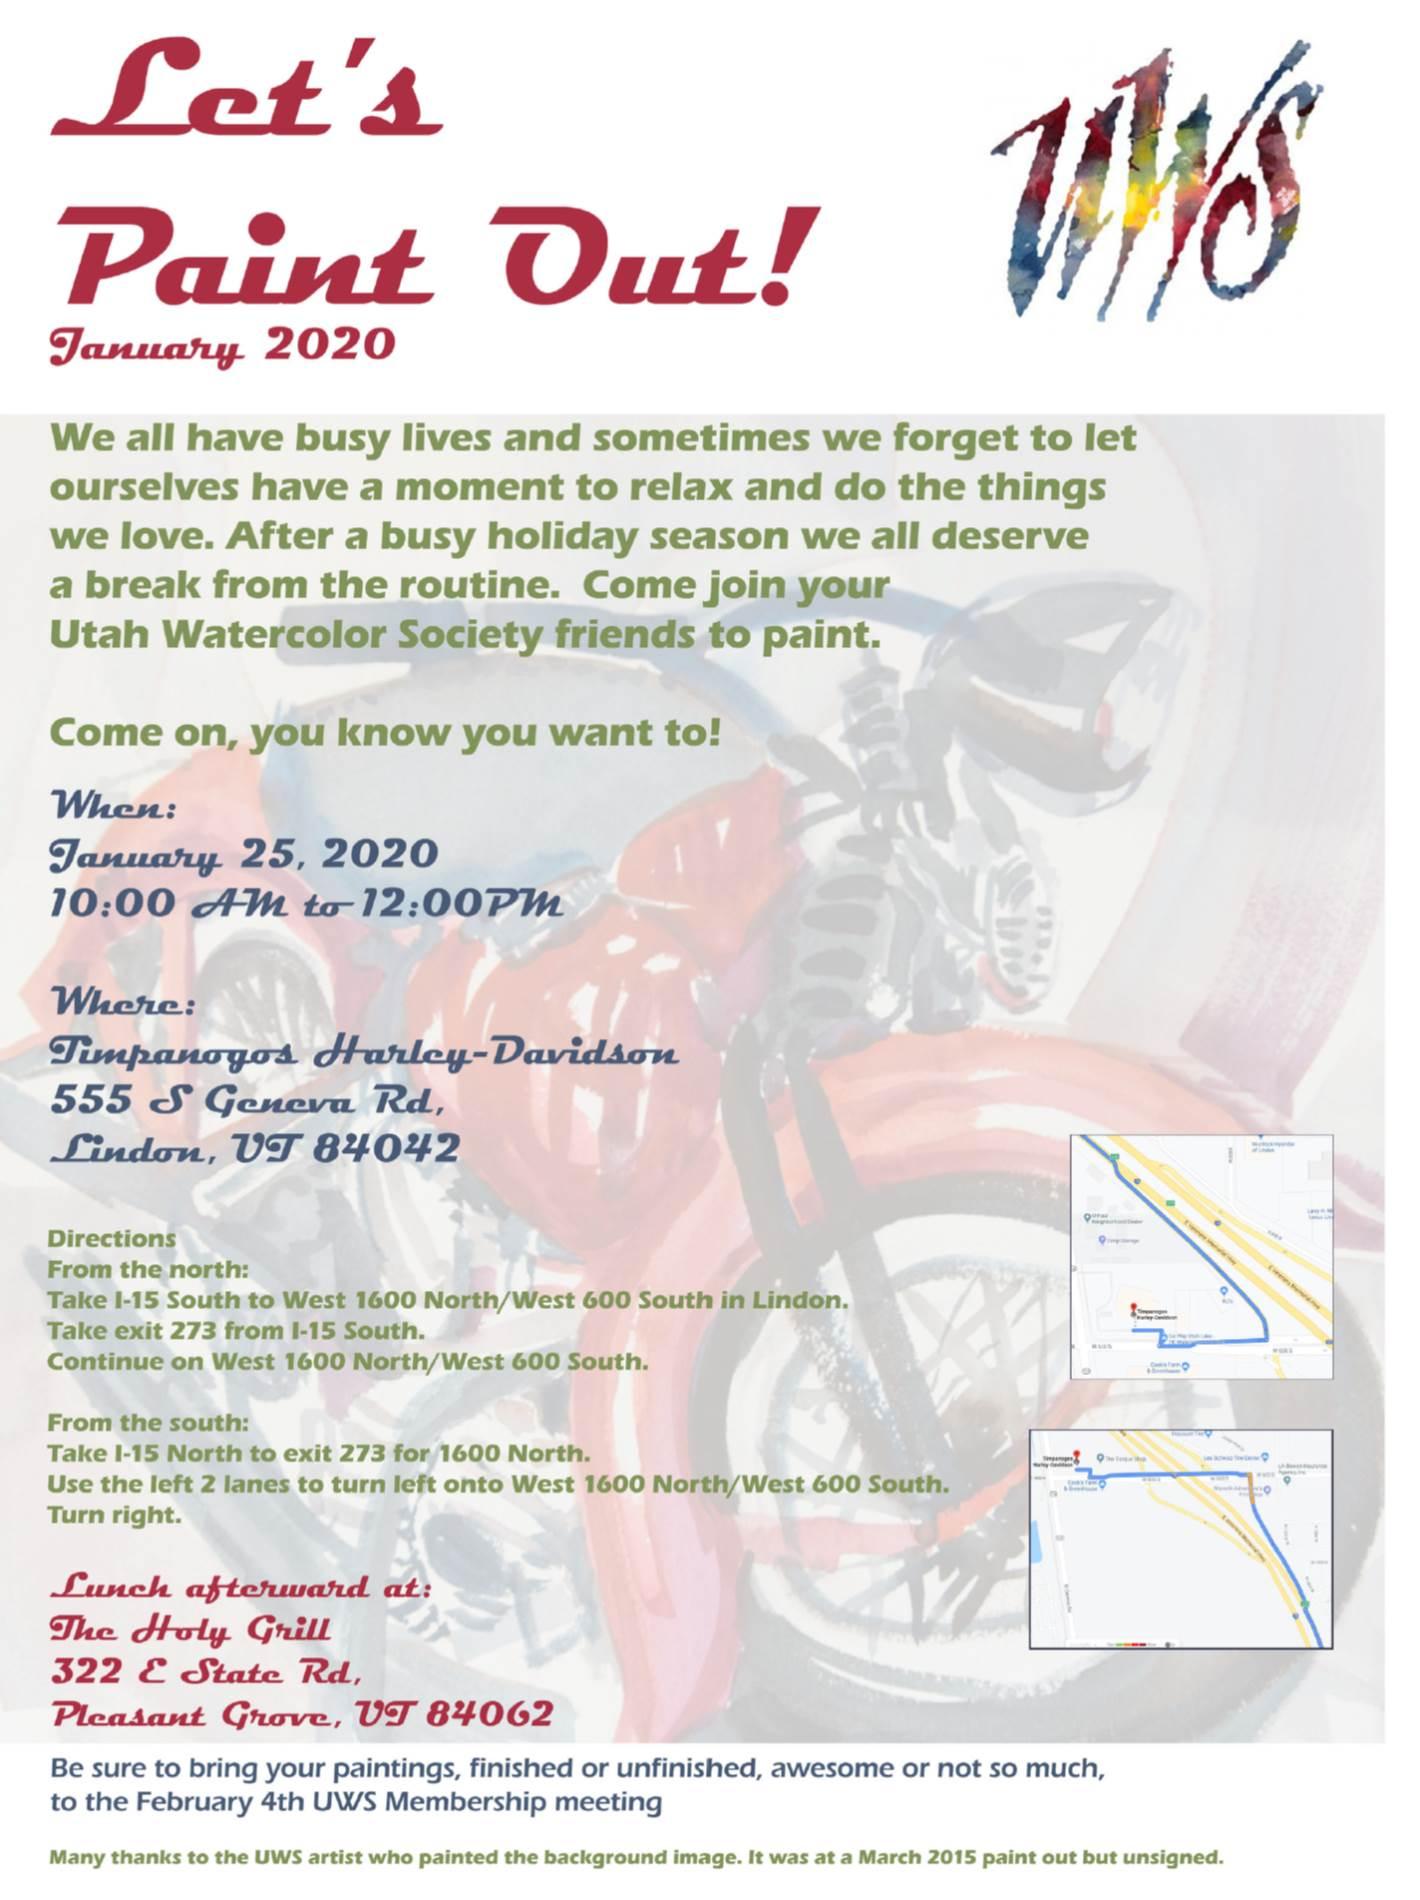 Jan paint out